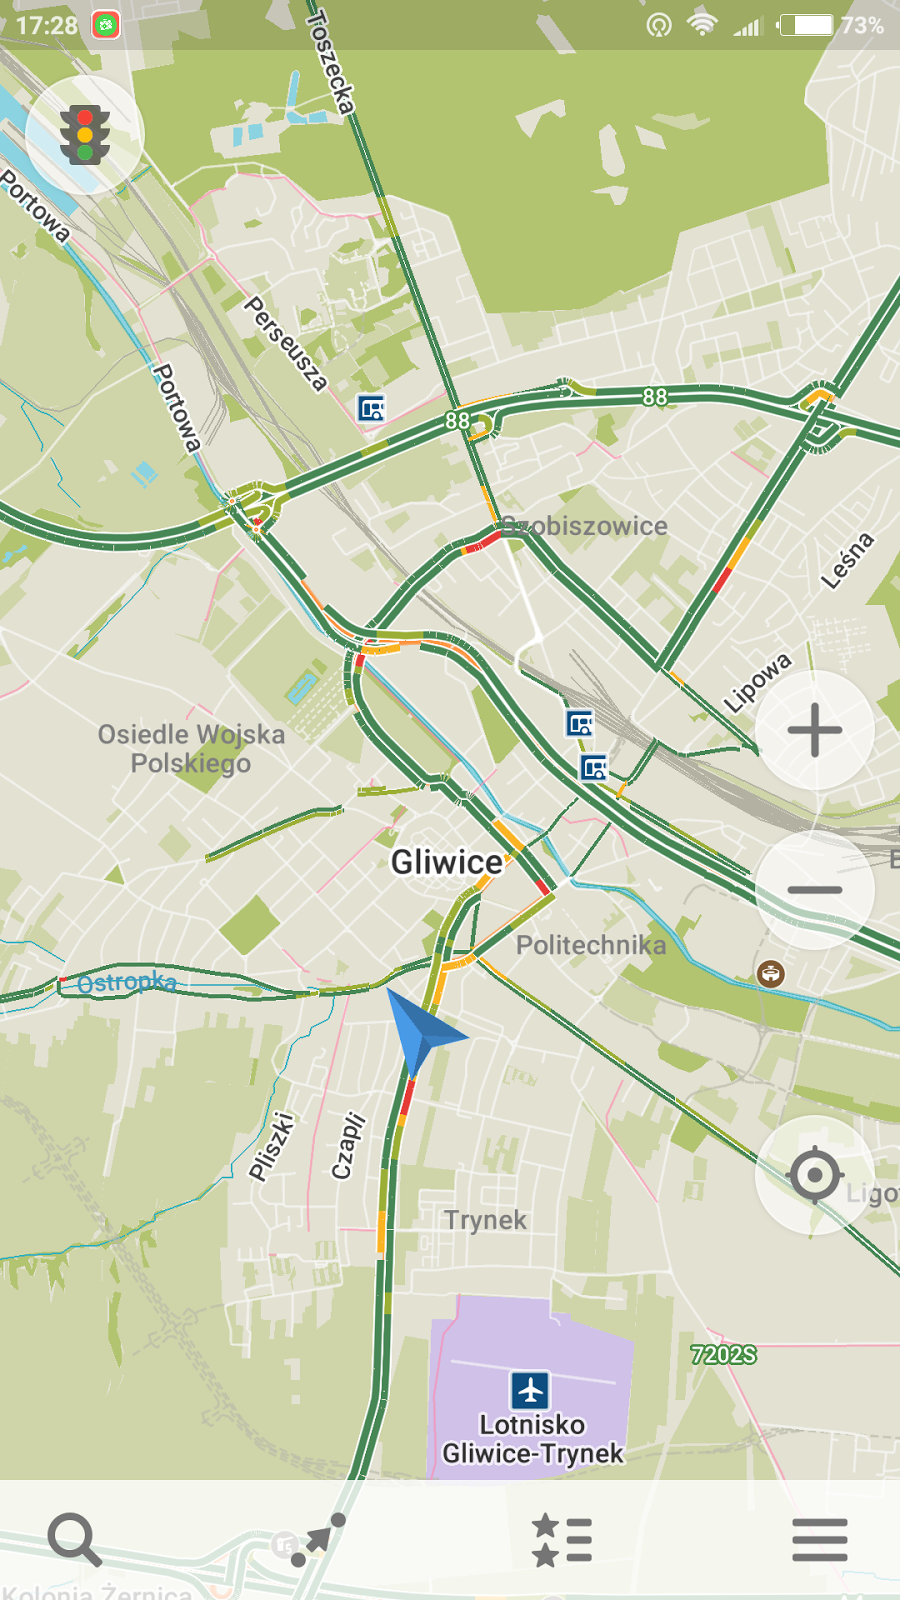 Łowca Androida: Aktualizacja Maps me wprowadza darmowy traffic